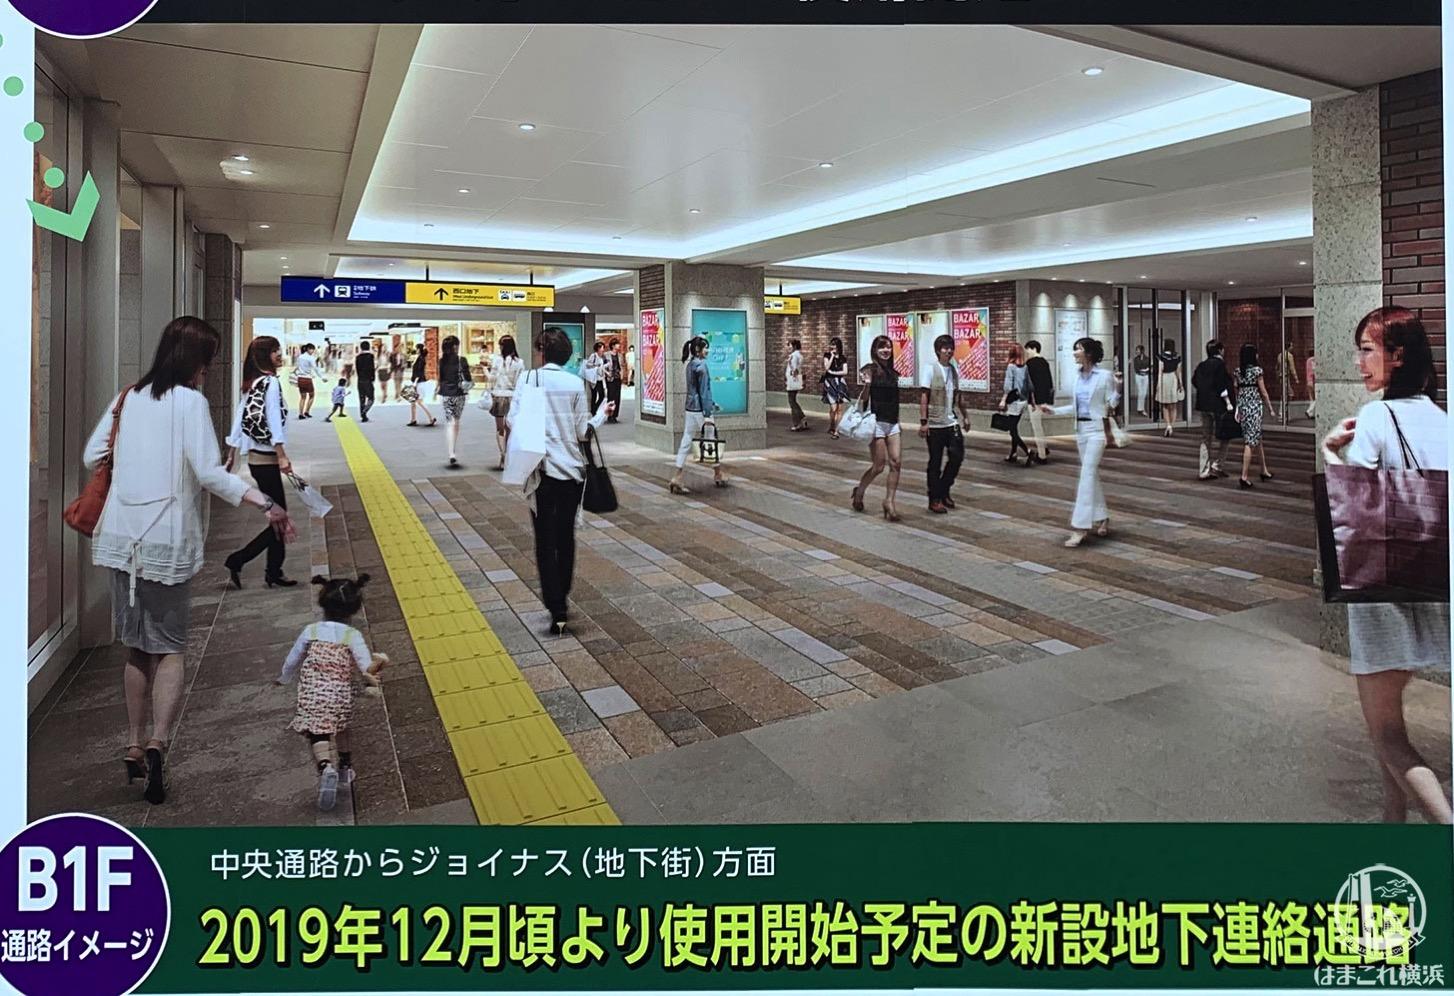 衝撃!横浜駅 中央通路とジョイナス地下街繋ぐ仮地下通路閉鎖に、新通路予定